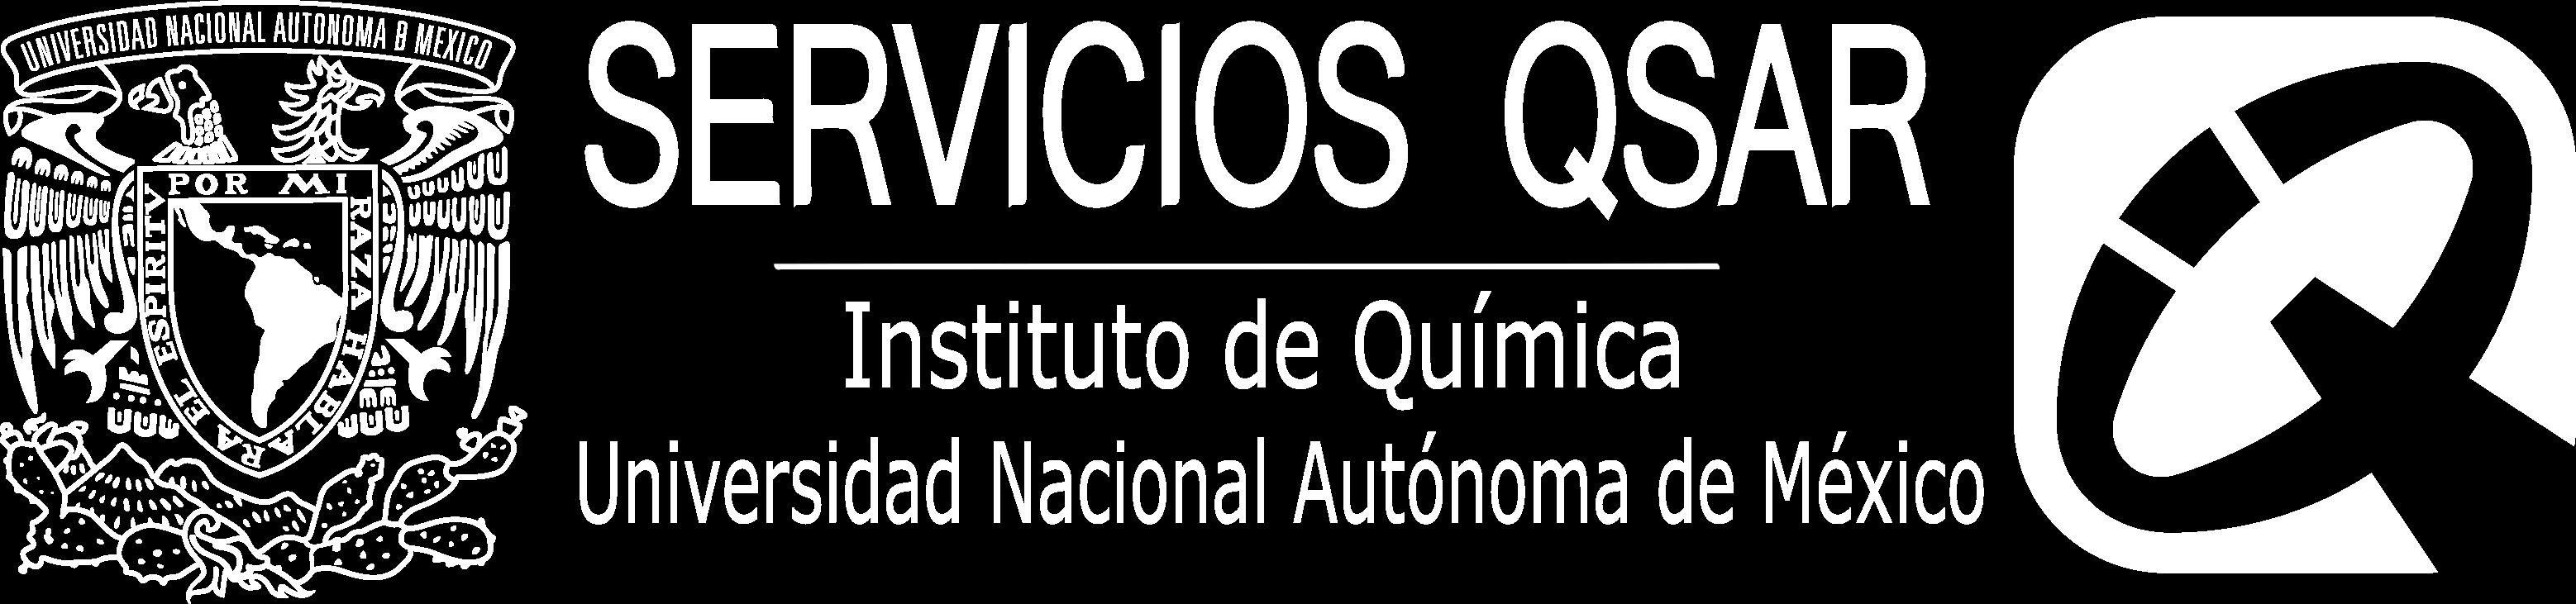 Servicios QSAR Instituto de Química